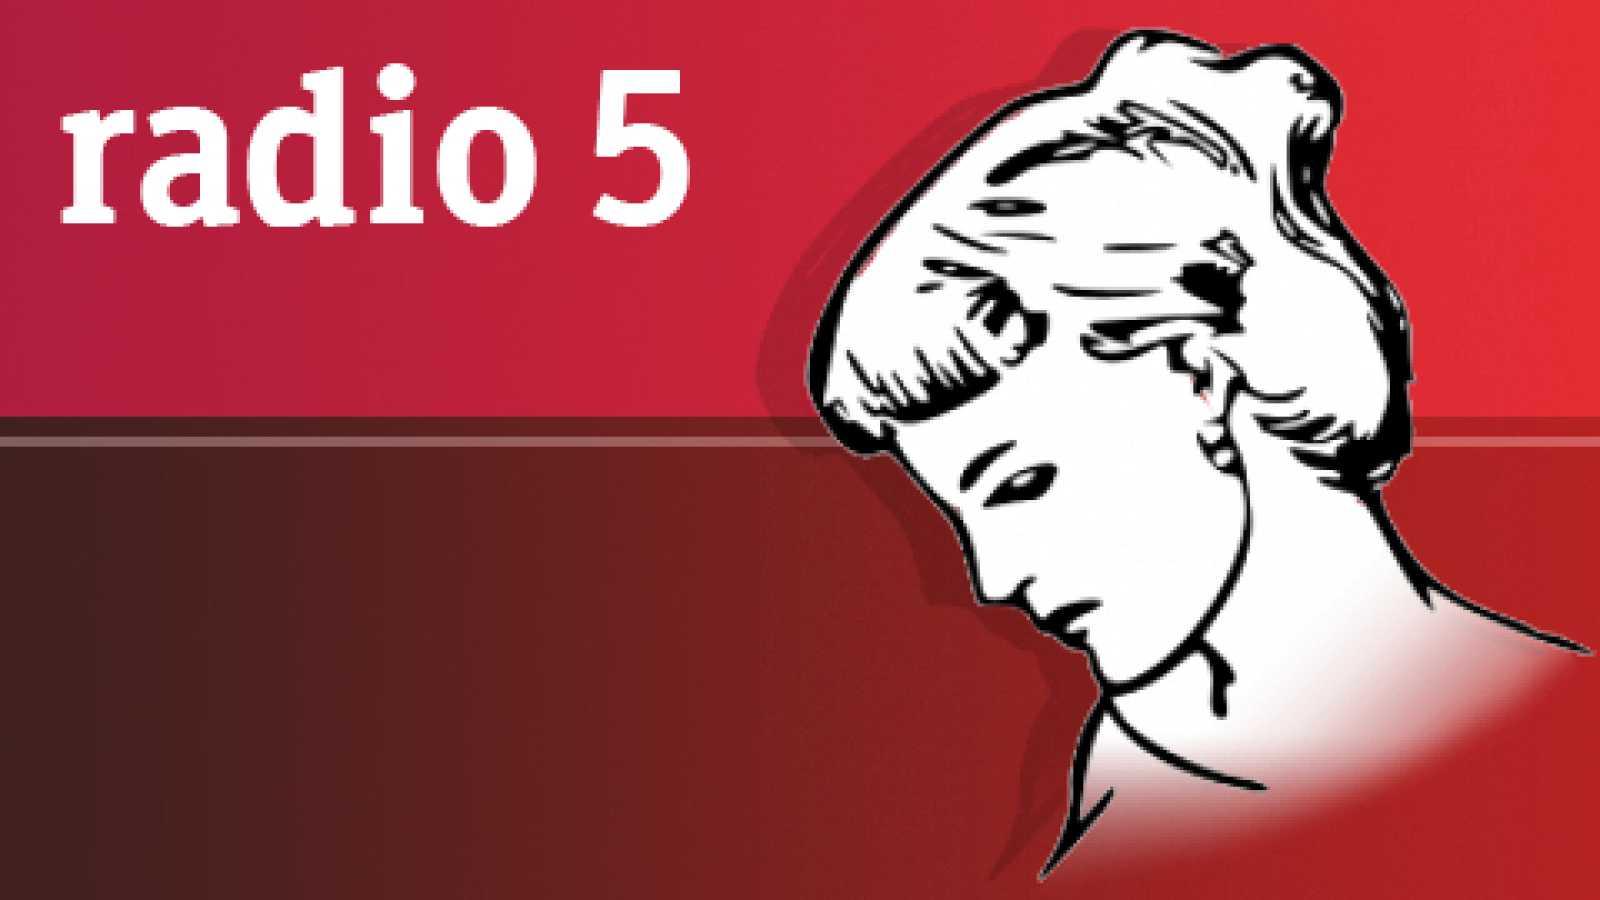 Con voz de mujer - Violencia machista - 20/11/14 - escuchar ahora